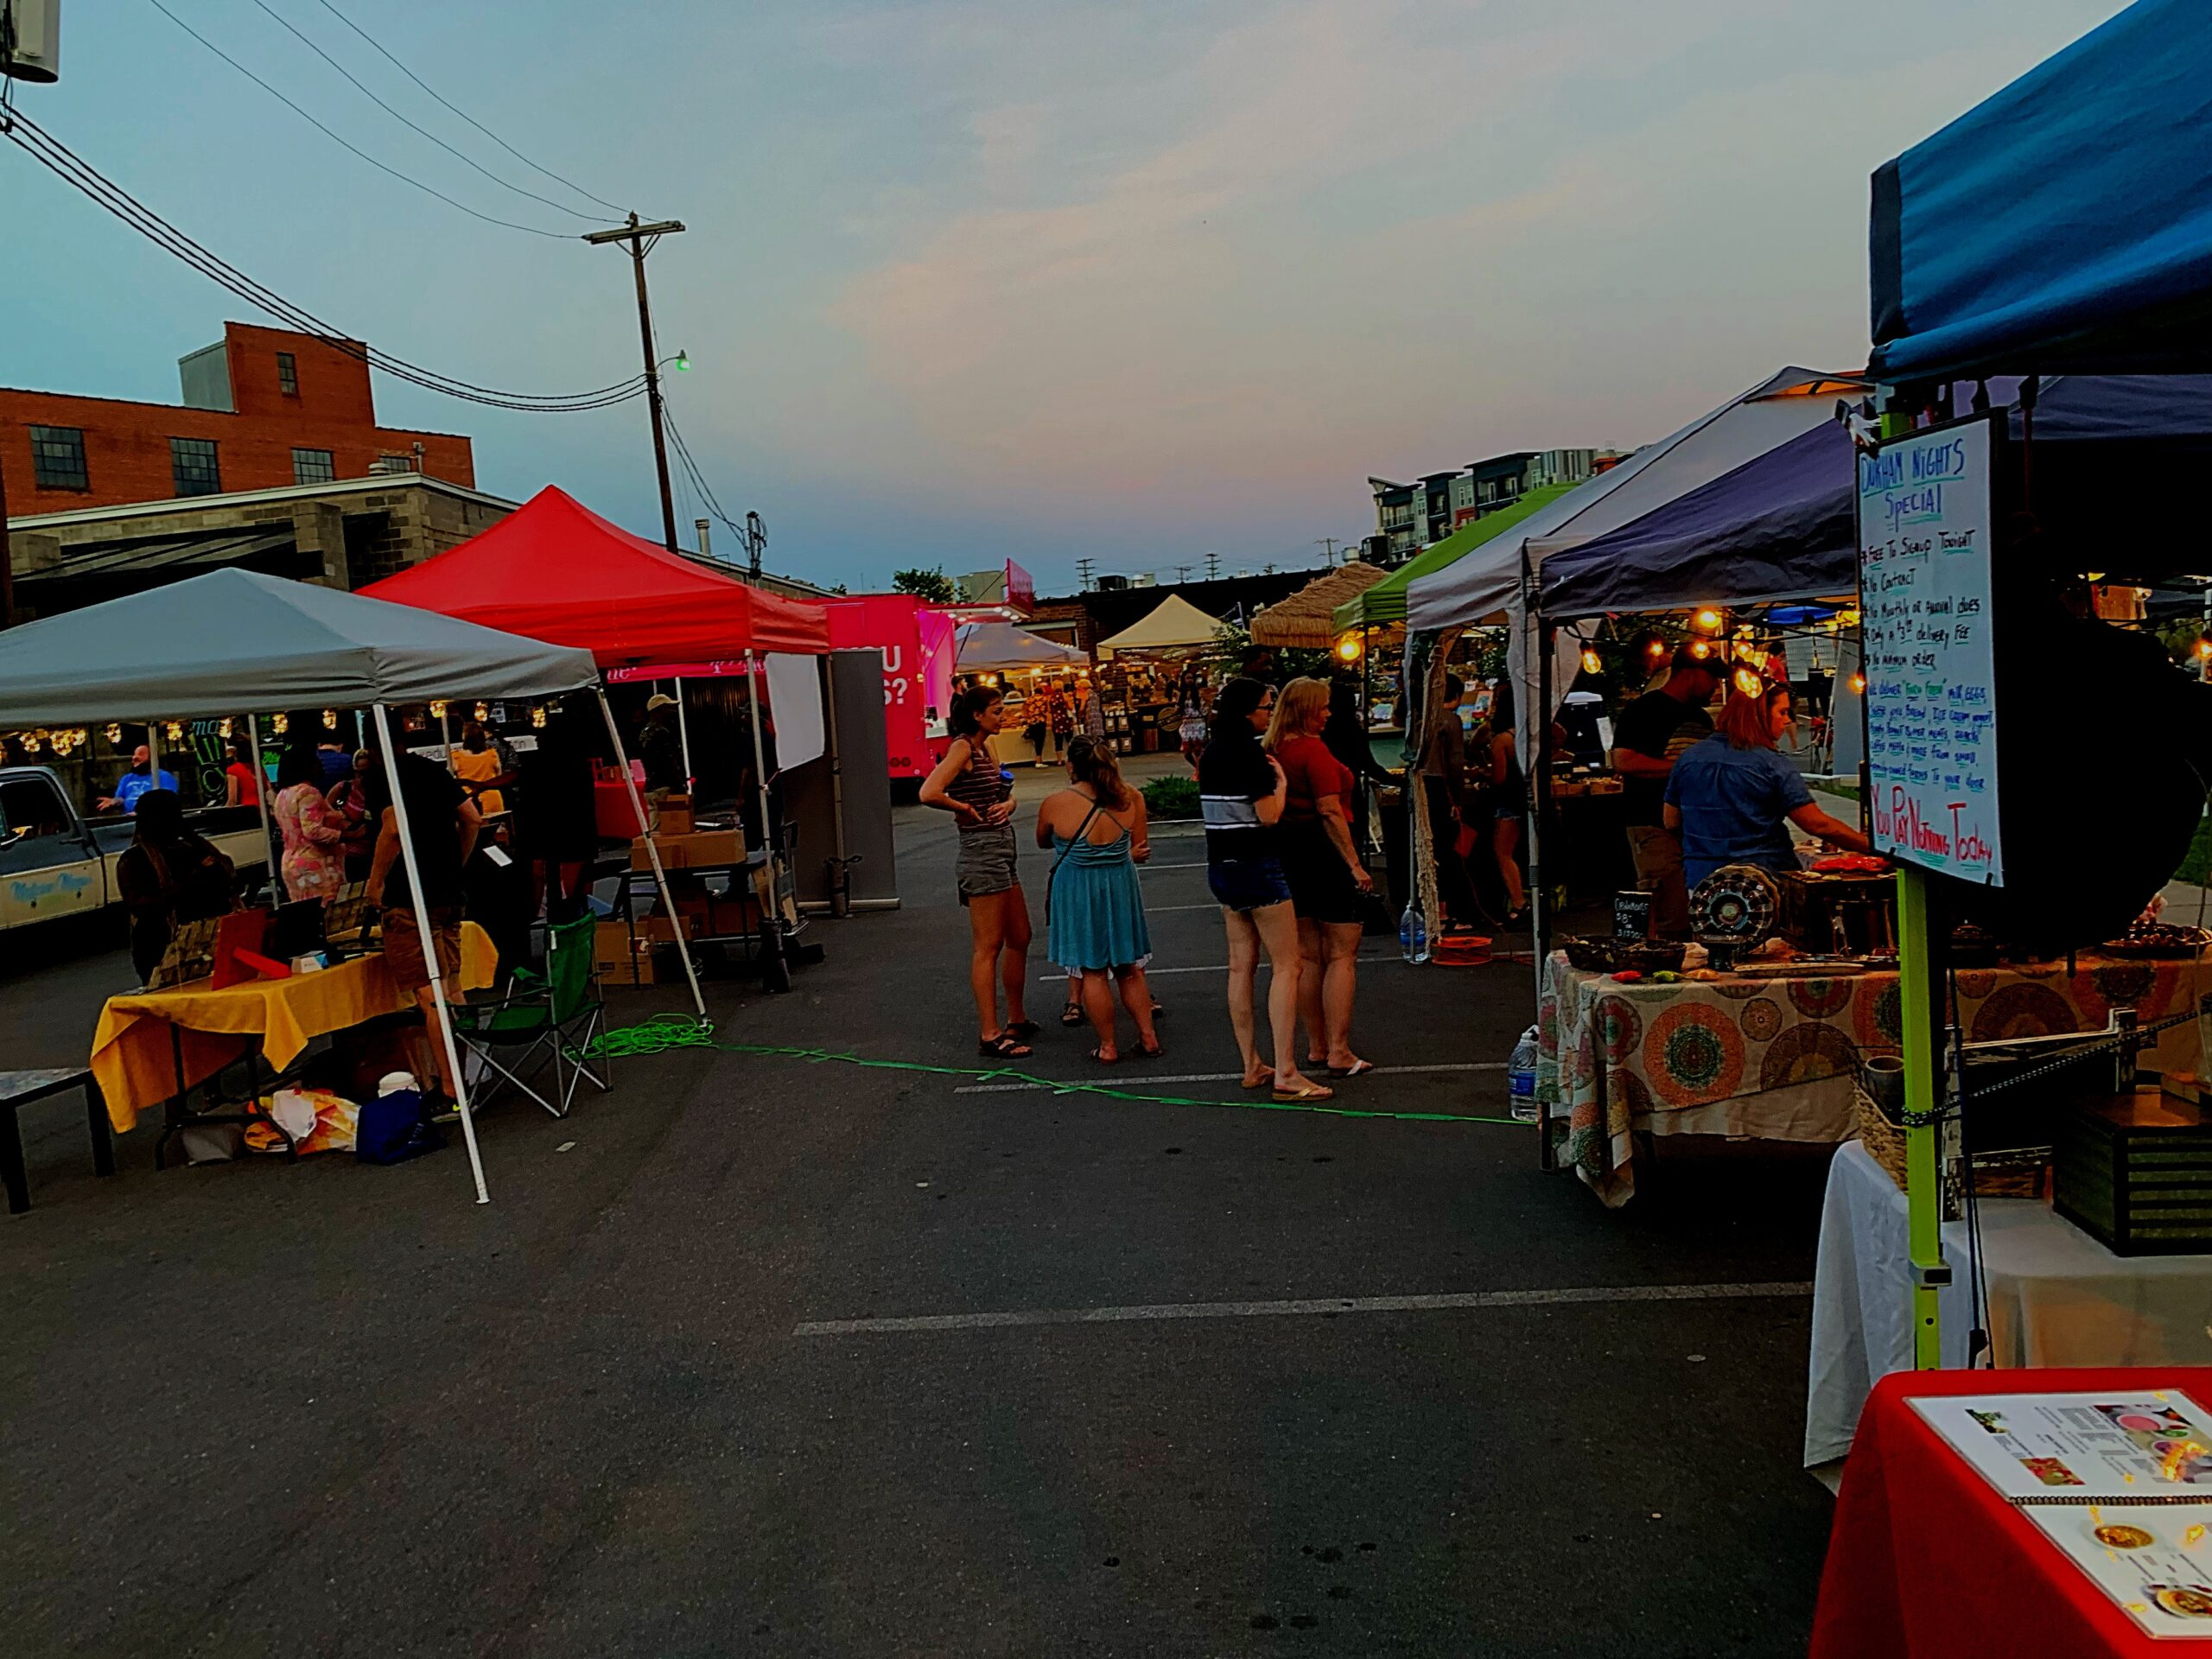 weekend durham night market